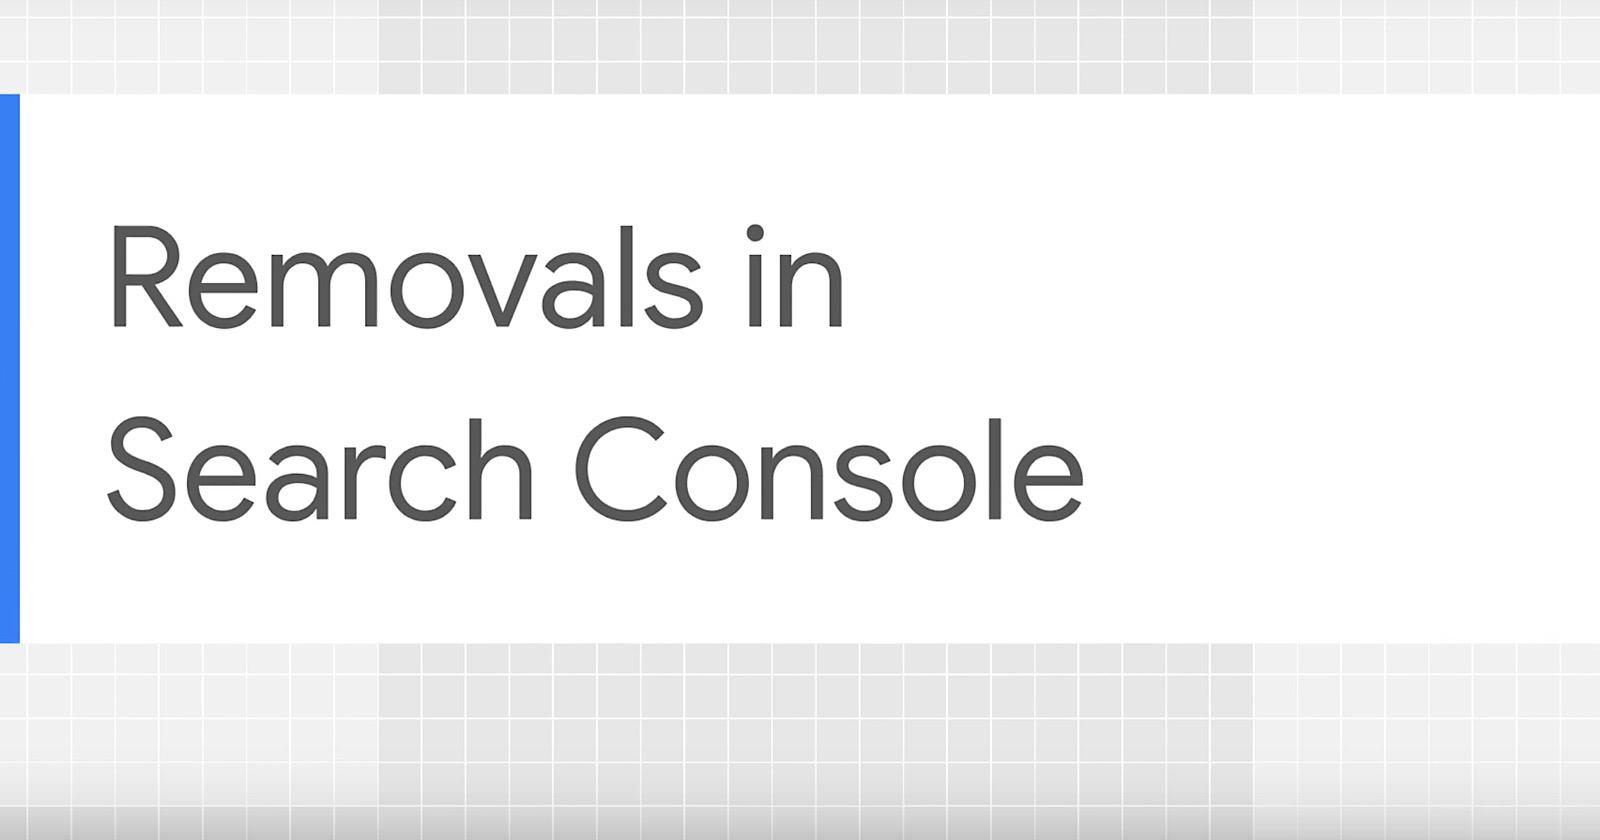 Google giải thích cách sử dụng công cụ xóa trong Search Console để ẩn nội dung 2